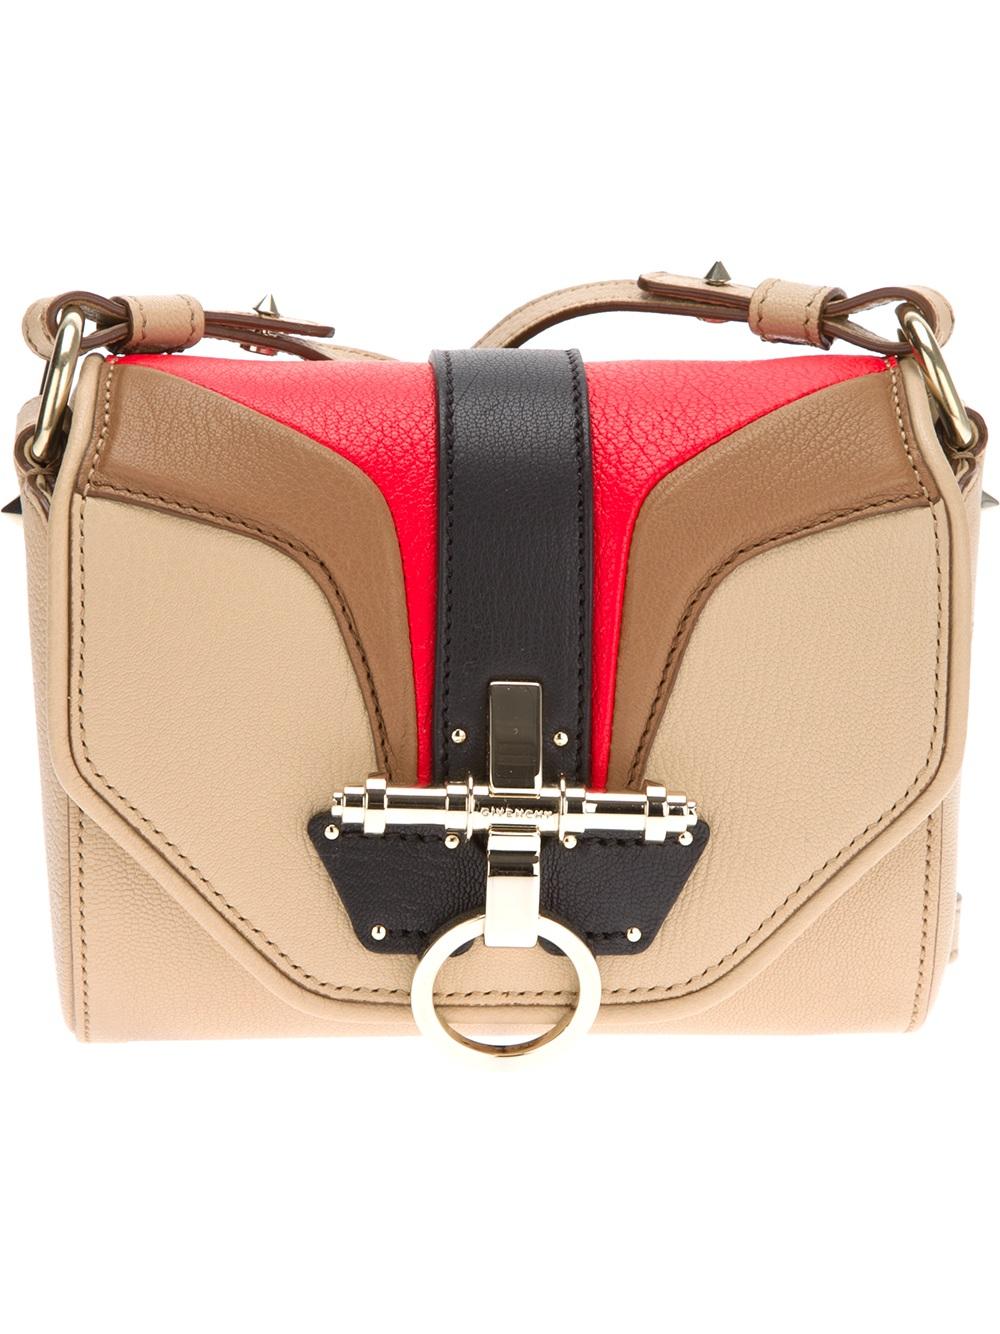 4c616dfdd5 Lyst - Givenchy Obsedia Crossbody Bag in Brown